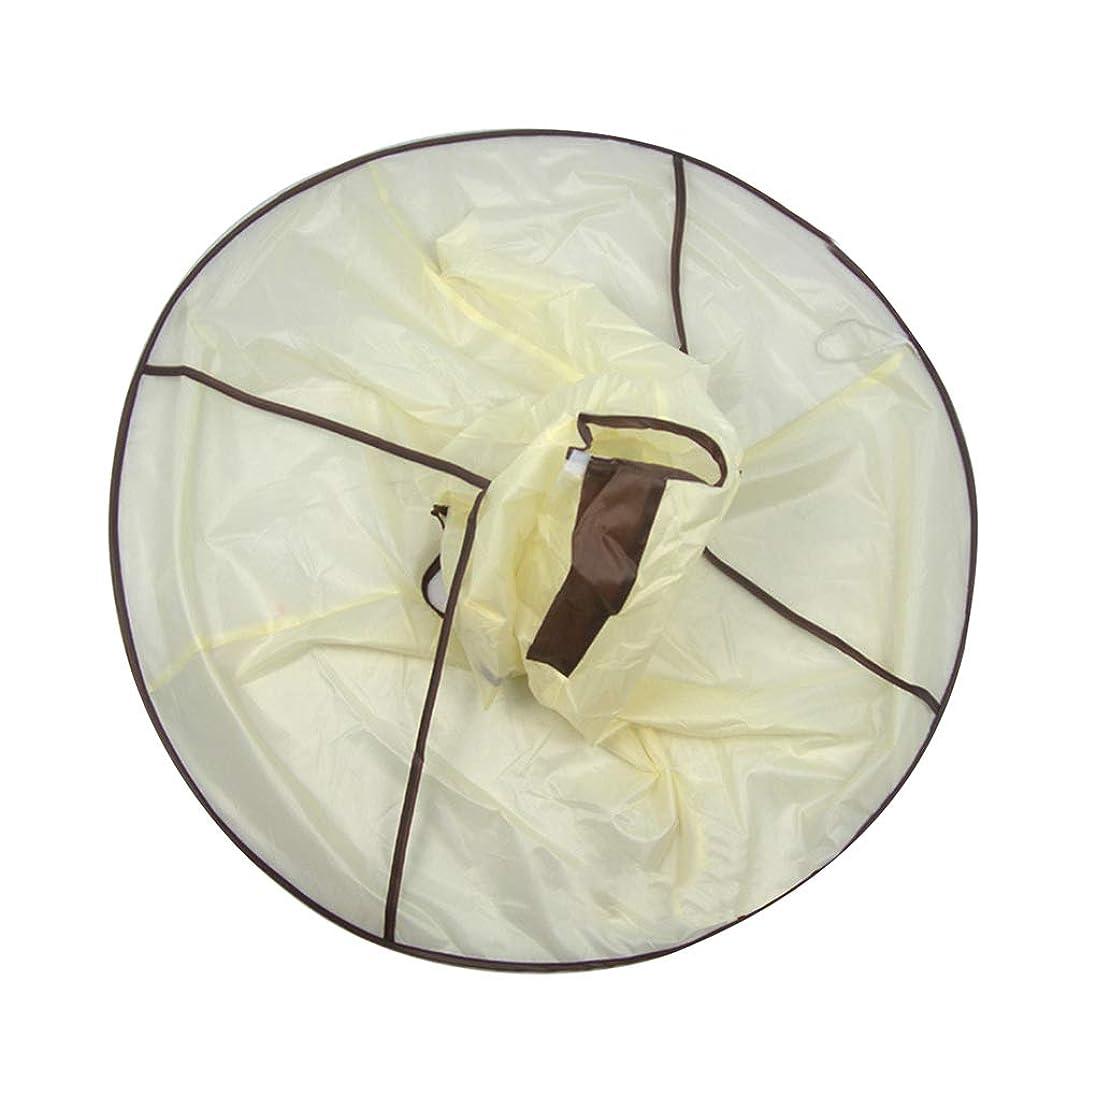 ガスウールおかしいKOROWA 散髪ケープ ヘアーエプロン 散髪マント 大人 子供 散髪用エプロン 毛染めケープ 折りたたみ式 防水 刈布 ケープ